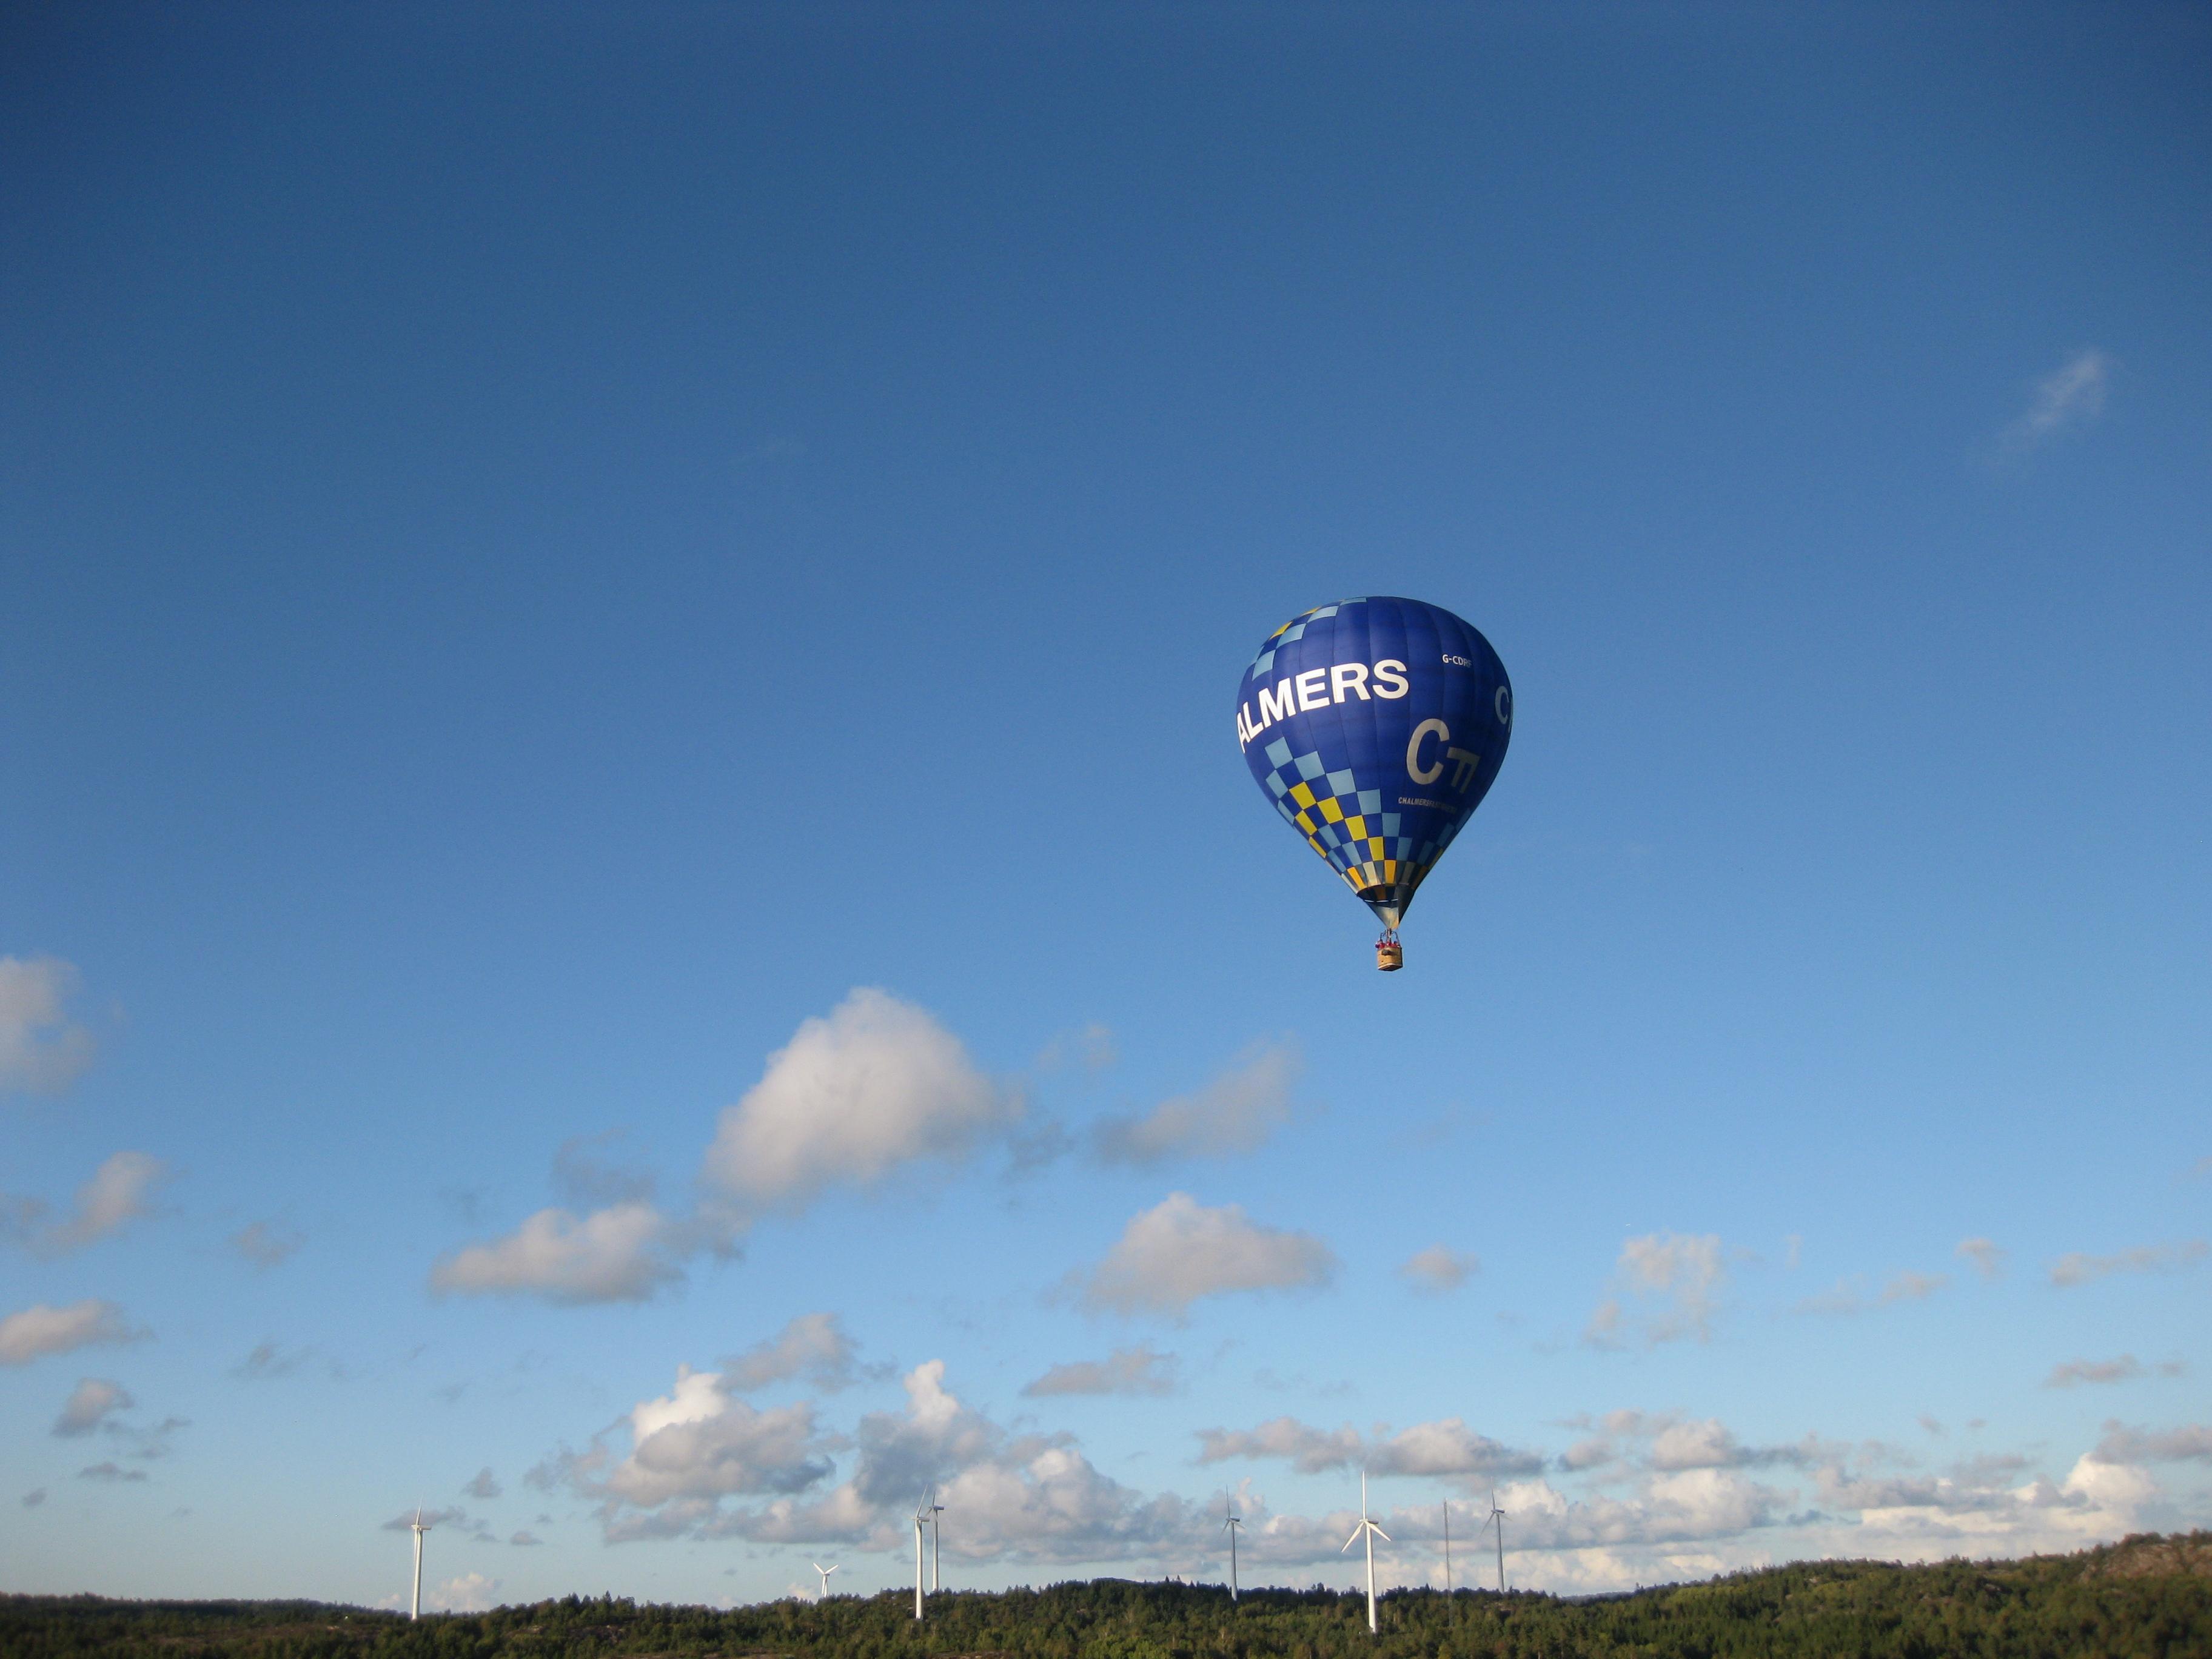 Chalmersballongen över Tanum